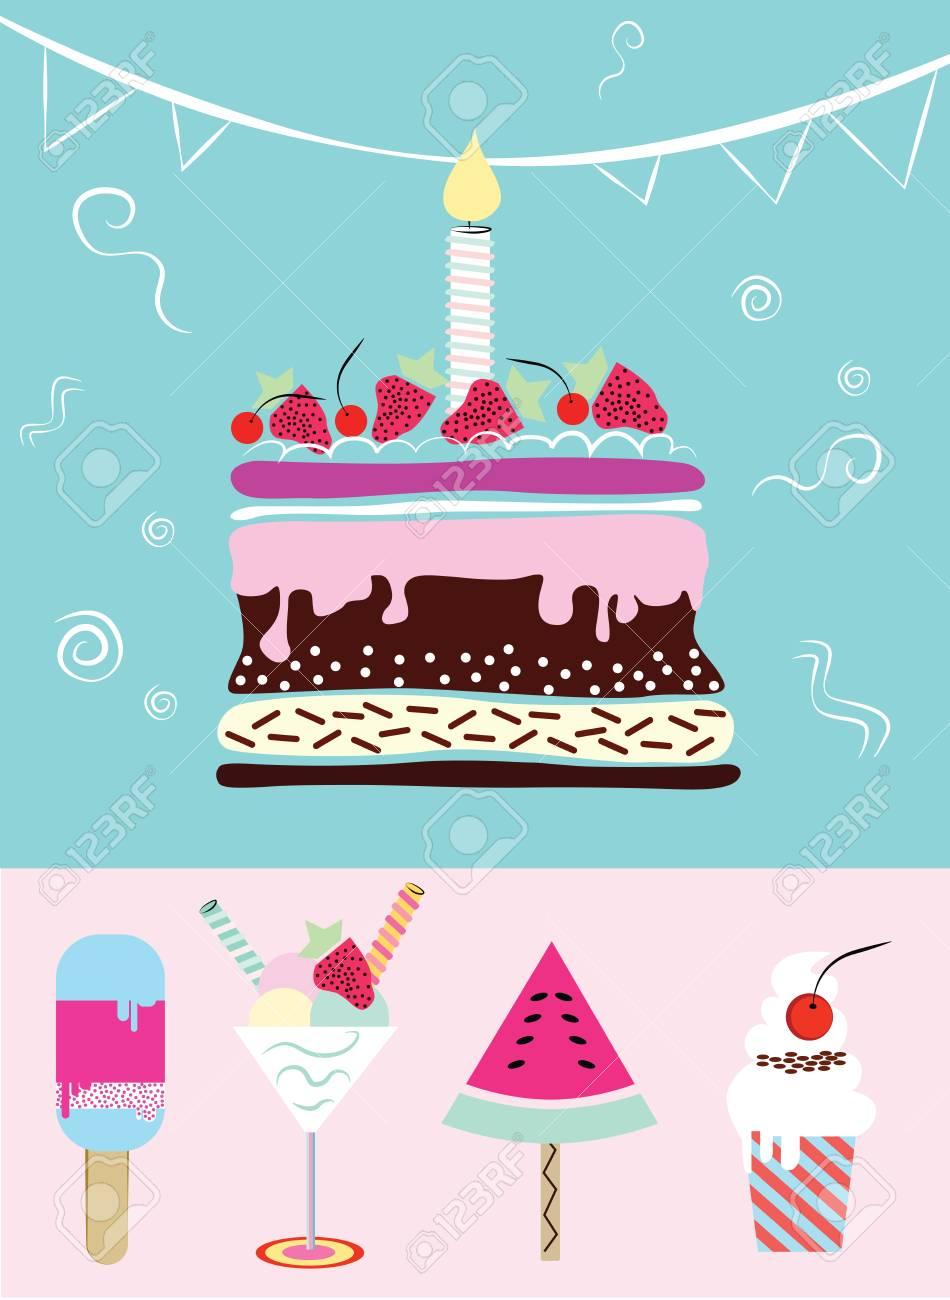 Gateau Cupcakes Creme Glacee Collection D Article D Anniversaire Drole Mignon Mariage Anniversaire Anniversaire Valentin Invitations De Fete